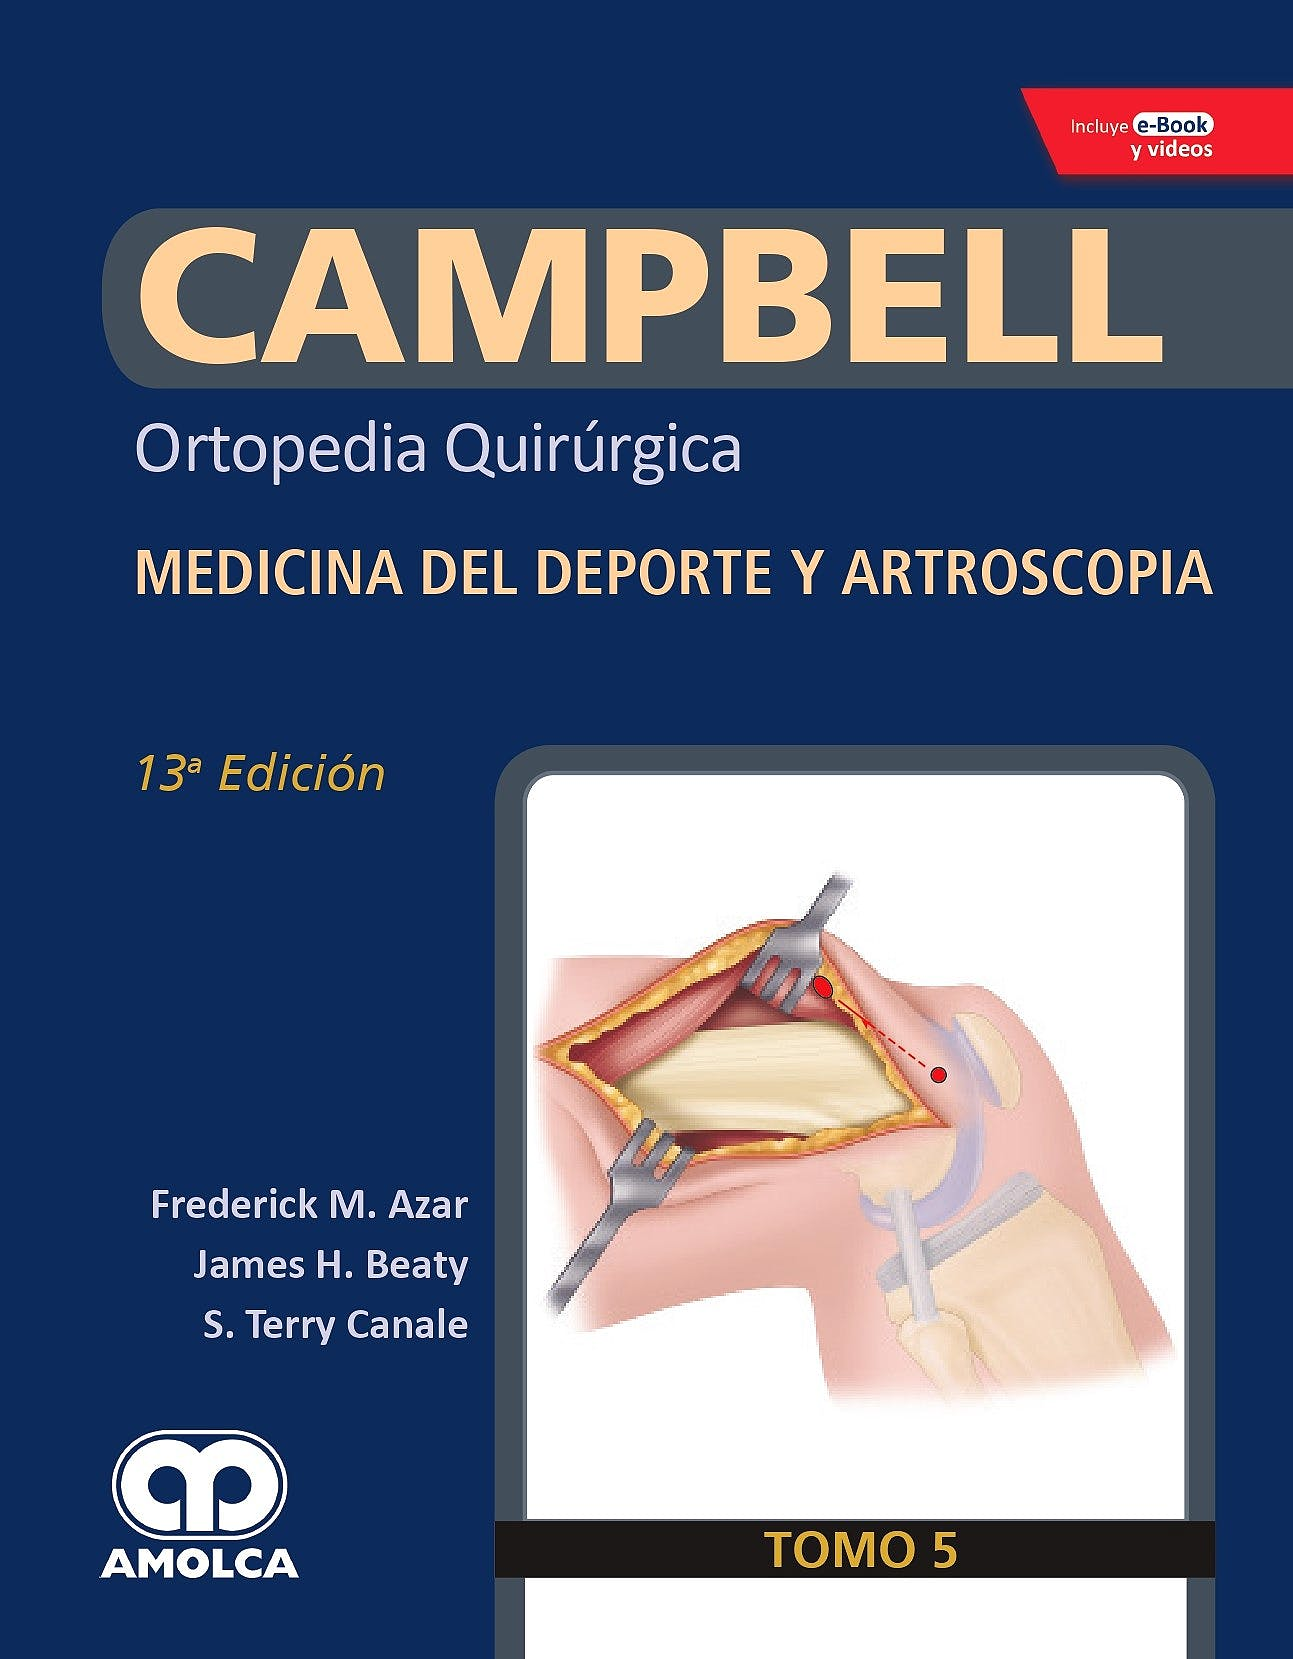 Portada del libro 9789804300967 CAMPBELL Ortopedia Quirúrgica, Tomo 5: Medicina del Deporte y Artroscopia + E-Book y Videos